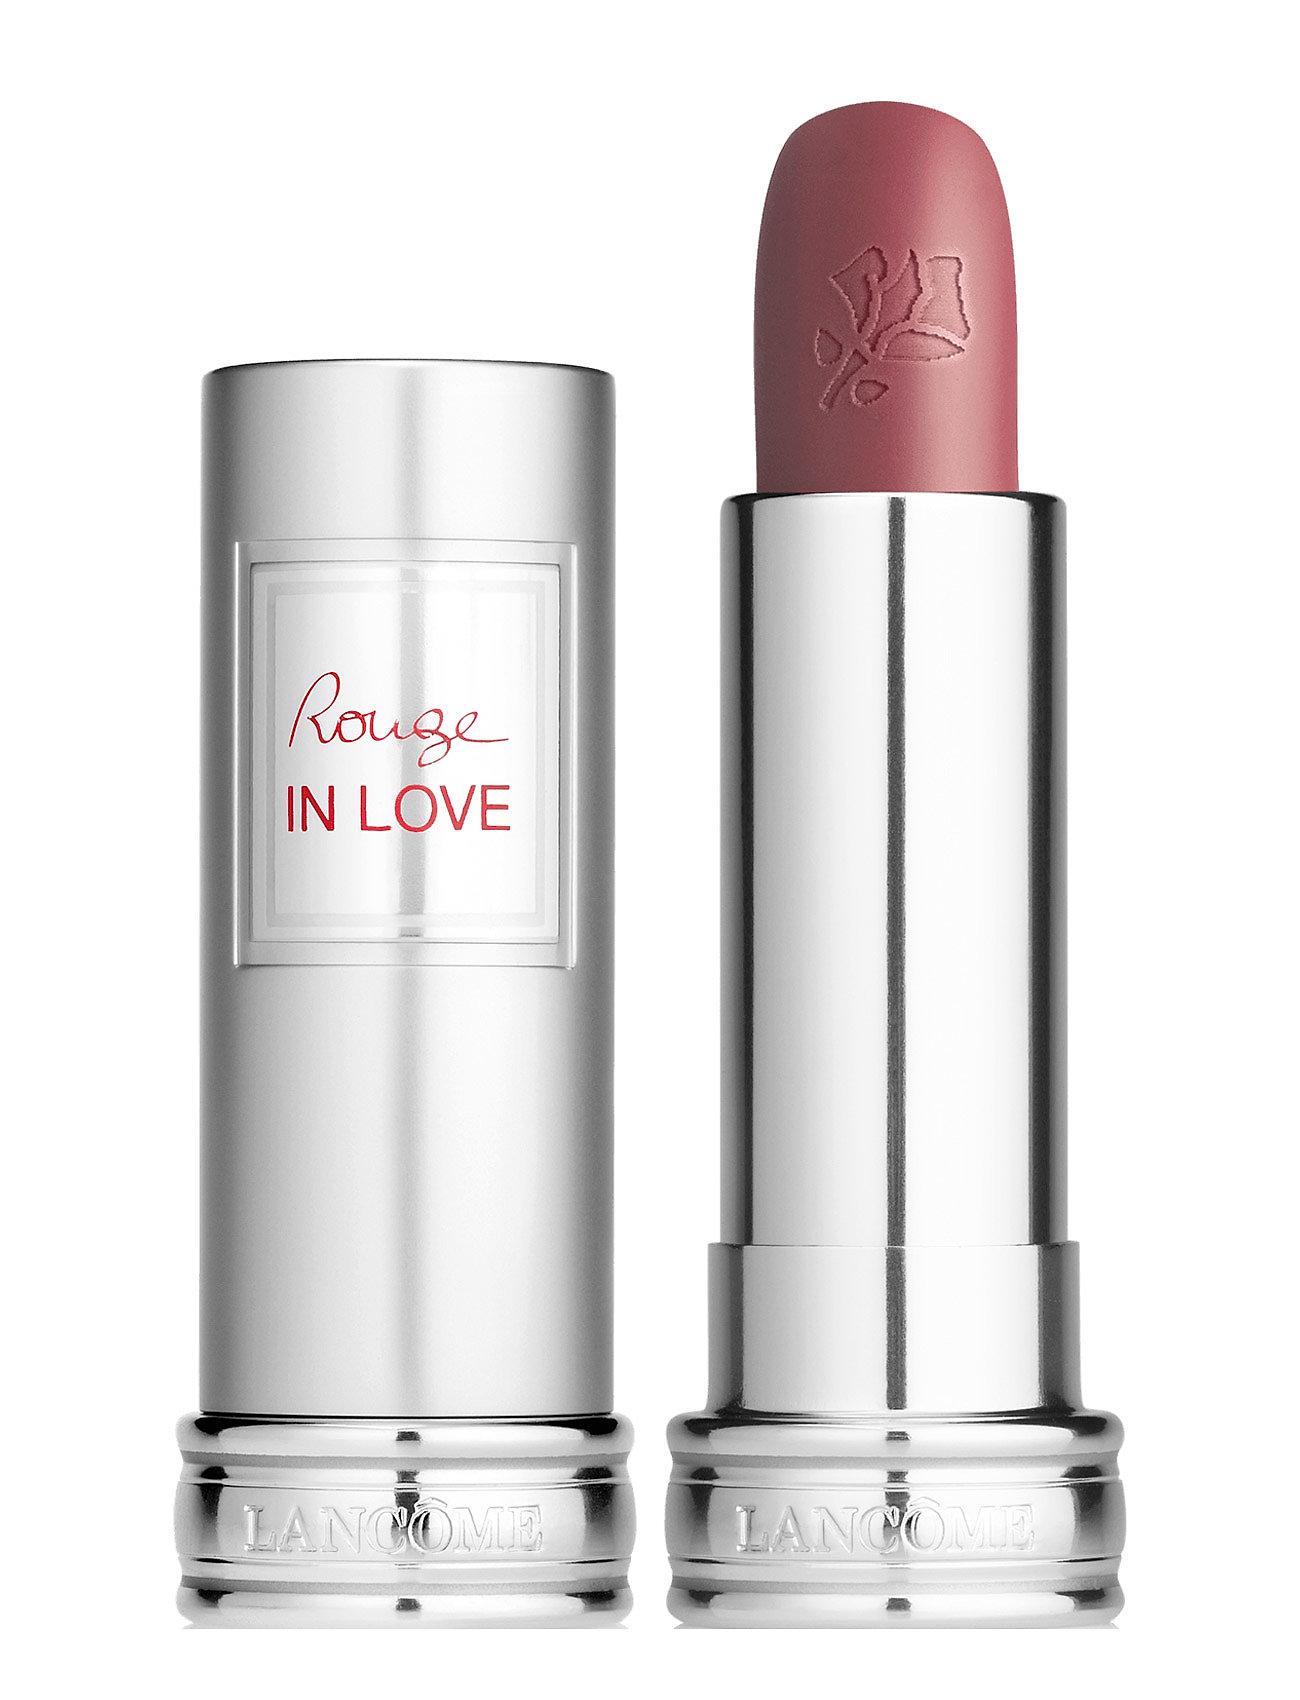 Rouge in love fra lancã´me på boozt.com dk